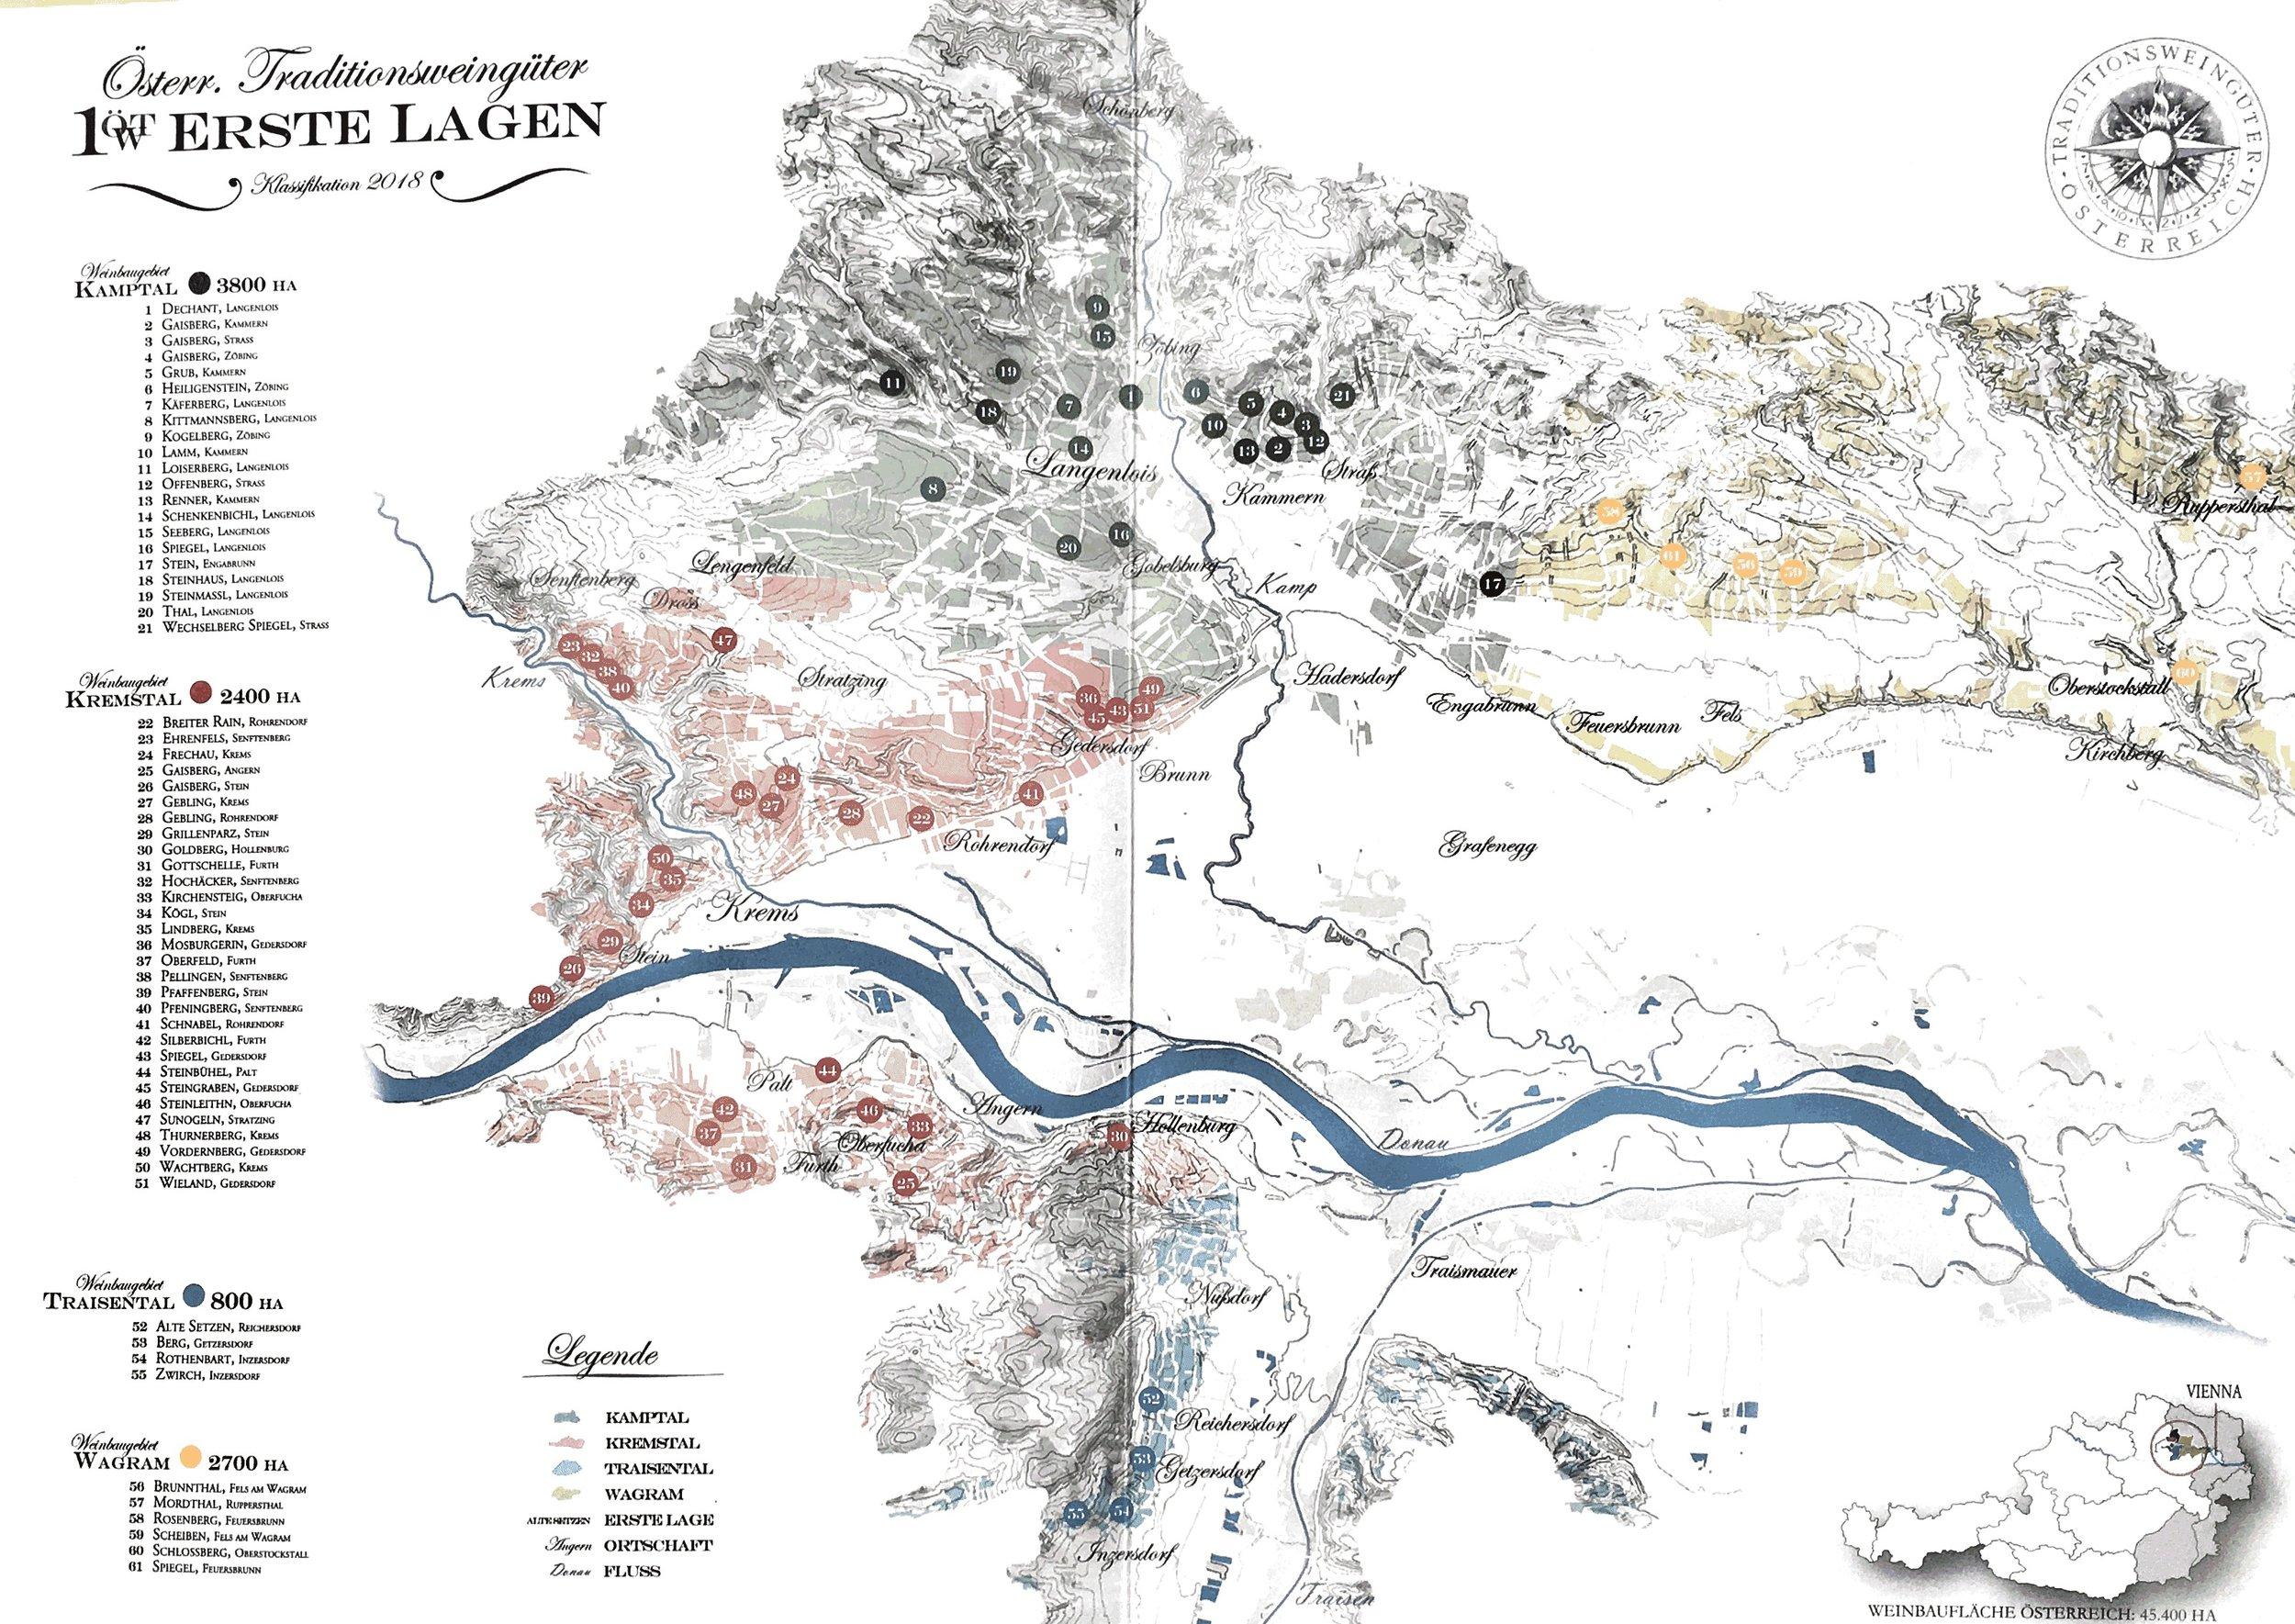 Erste Lage of Kremstal and Kamptal